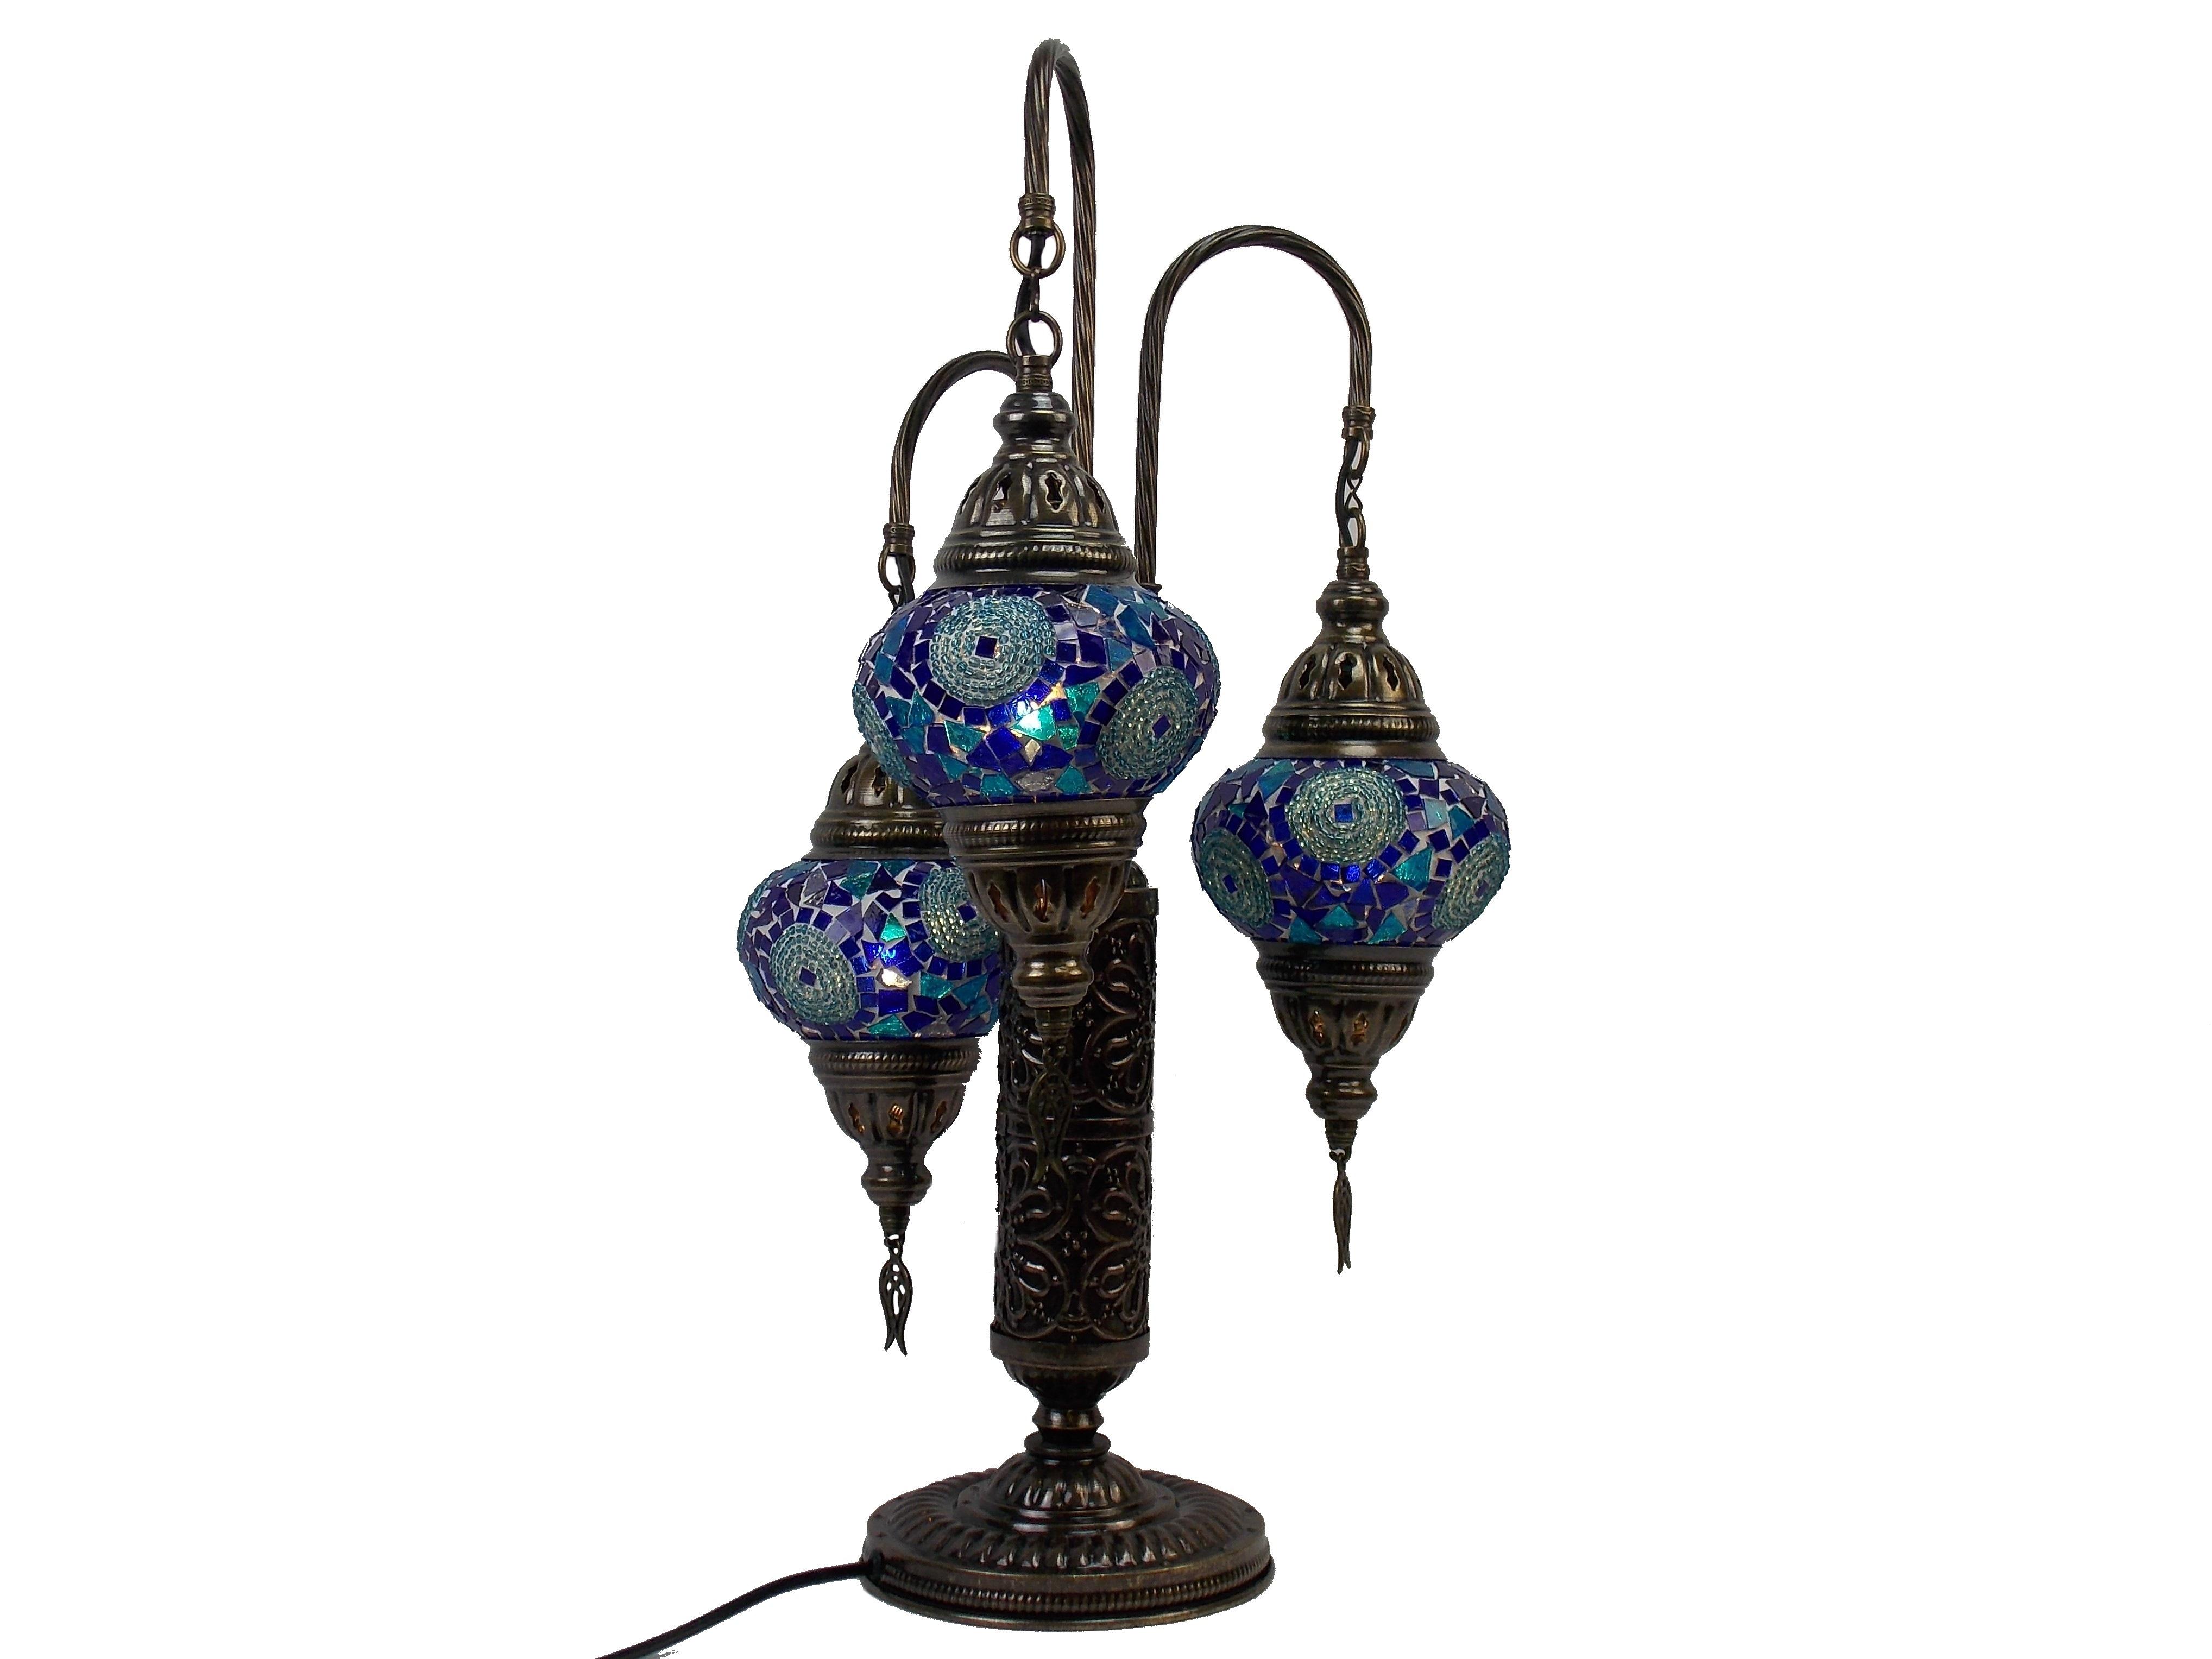 Lampa stil turcesc cu 3 brate din sticla mozaic handmade